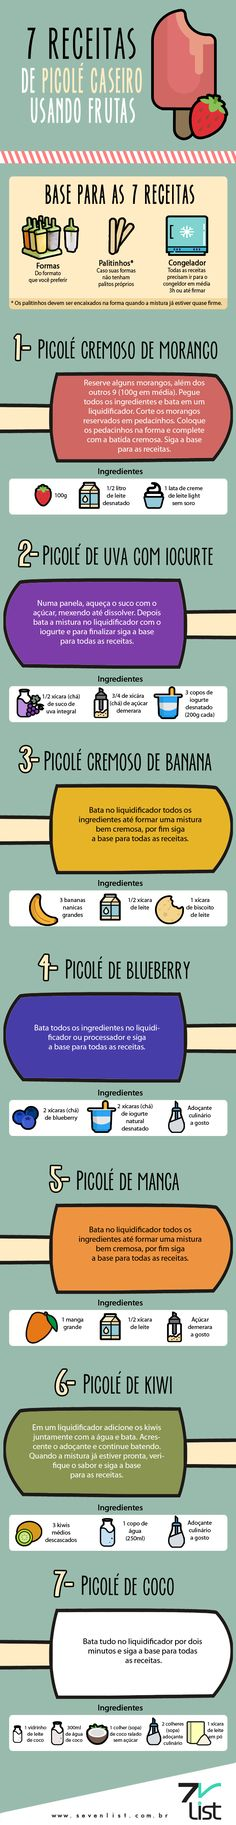 #Sevenlist #Infográfico #Infographic #List #Lista #Ilustração #Illustration #Desenho #Picolé #Sorvete #Icecream #Picolécaseiro #Receita #Frutas #Saudável #Bemestar #Alimentação #Comerbem #Sobremesa #Doce #Morango #Uva #Banana # kiwi #Manga #Coco #Blueberry